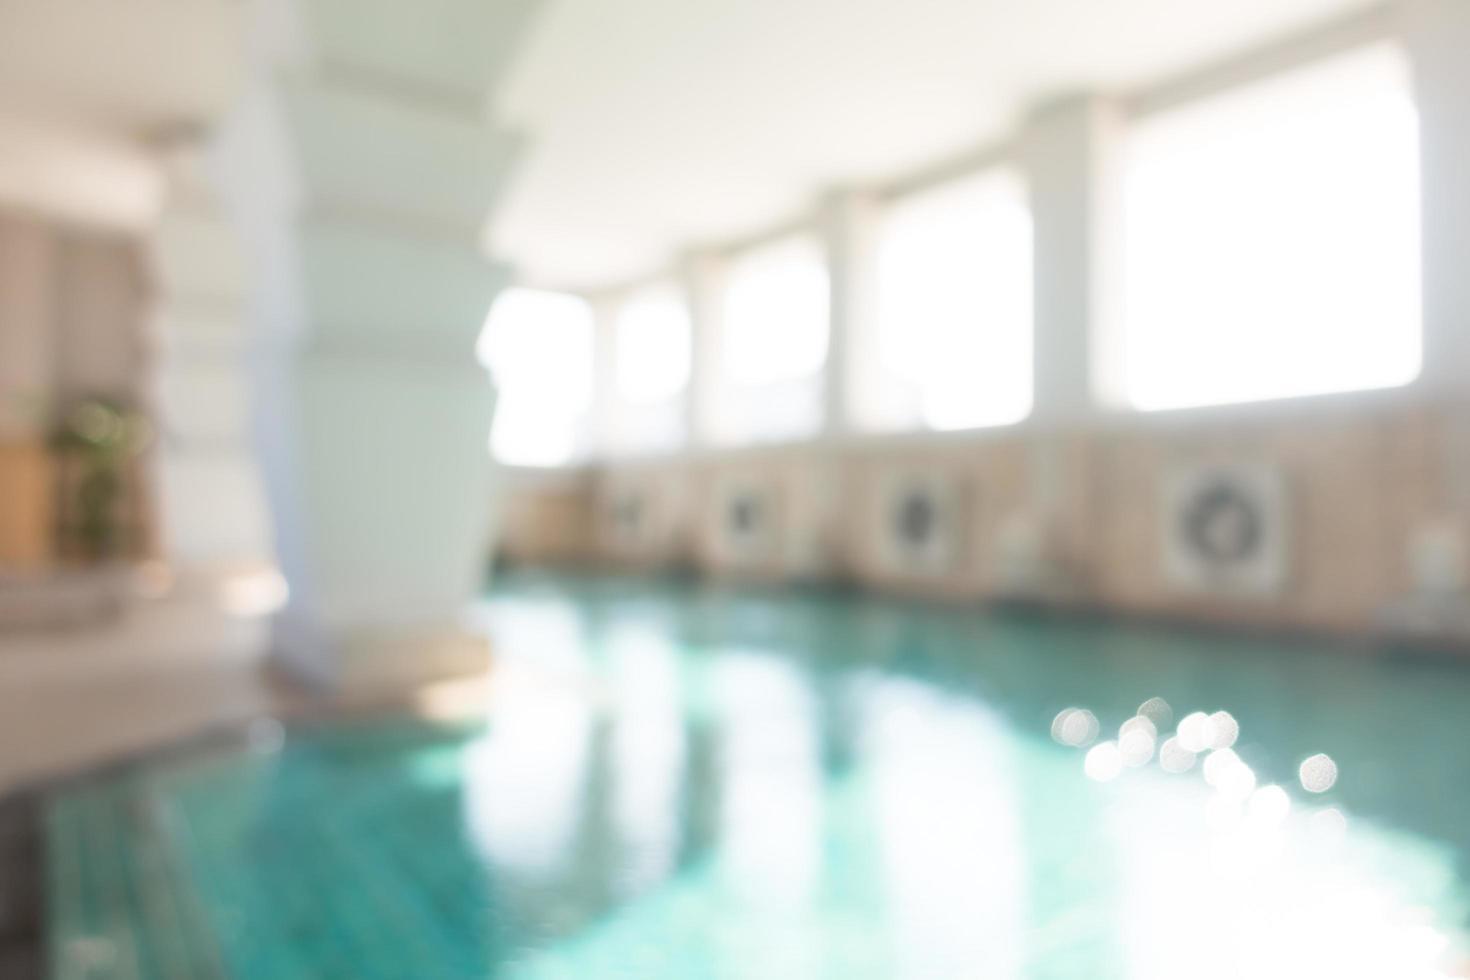 piscine flou abstrait photo